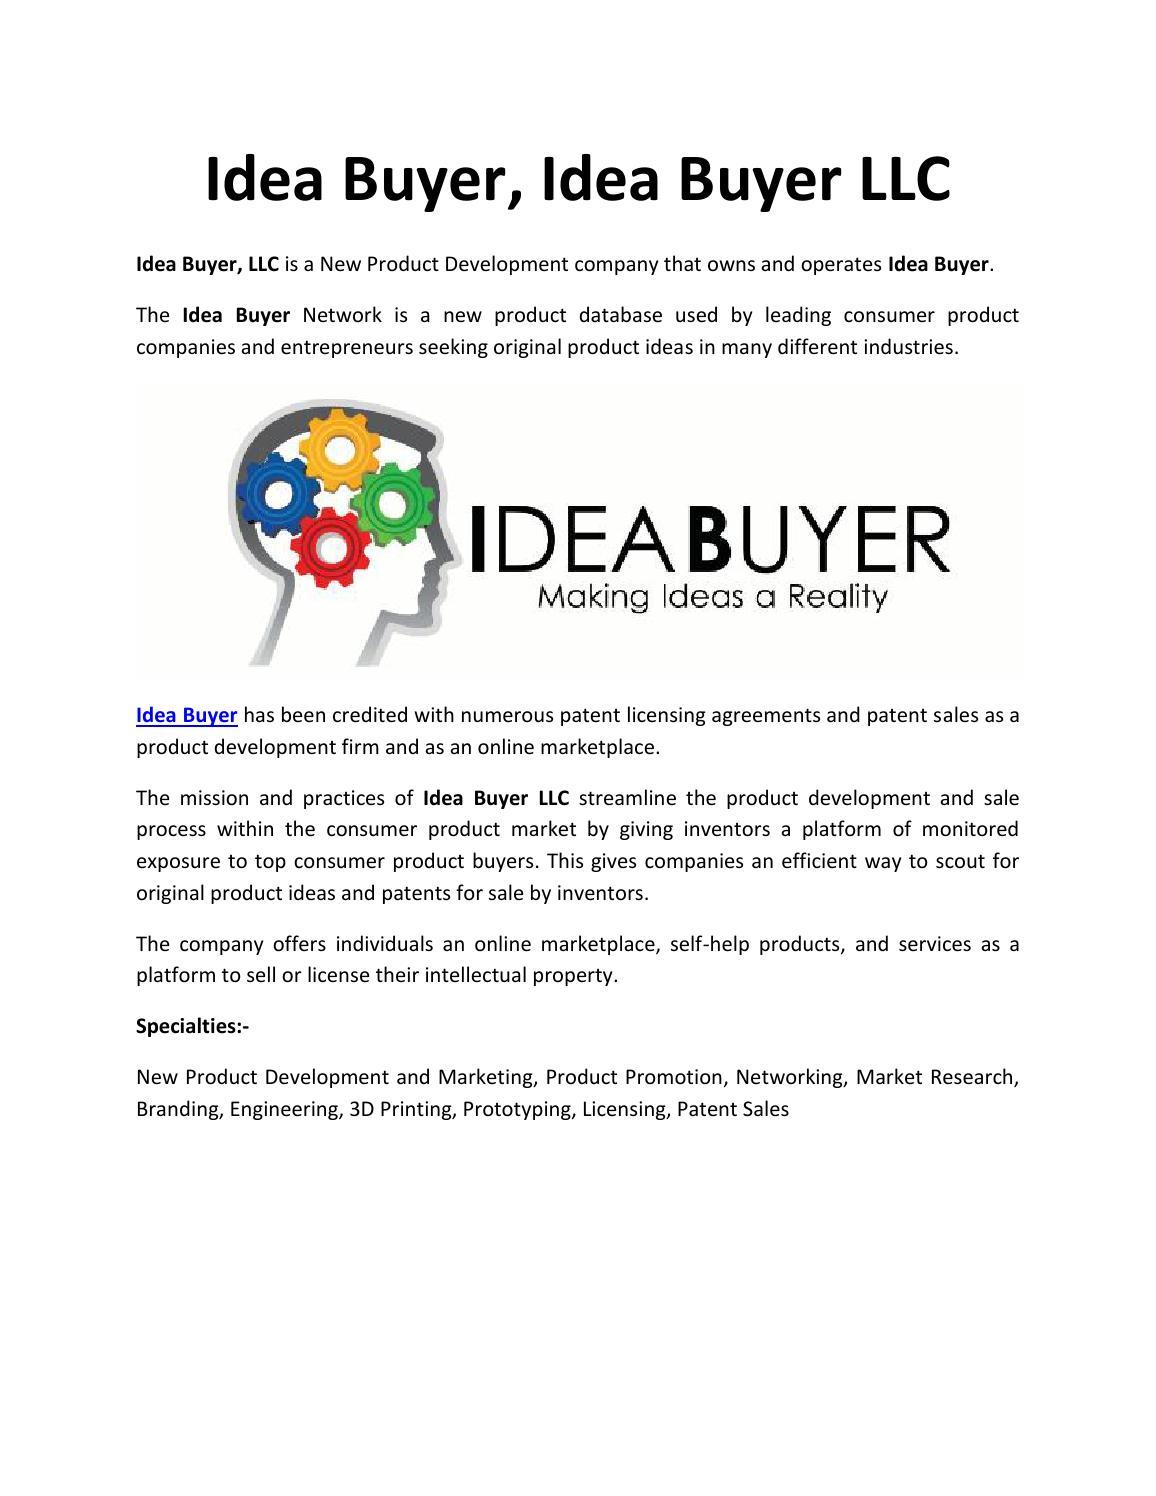 ideabuyer by idea buyer - issuu